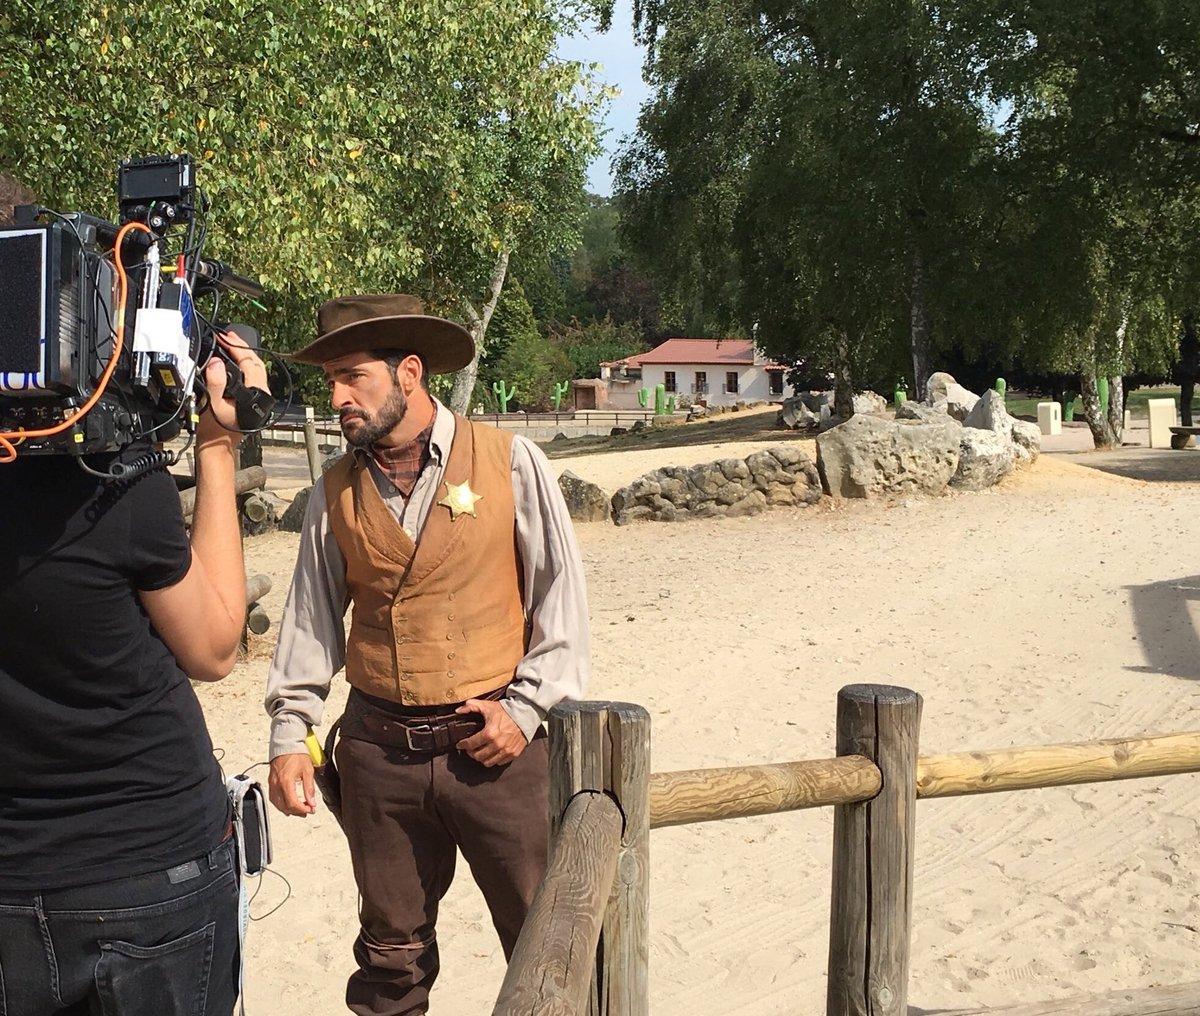 Hey les #cowboys rendez-vous ce soir sur @tf1 dans @SSH_TF1 avec @arthur_officiel et @KevinRazy !! #SSH<br>http://pic.twitter.com/ASzrODAByg